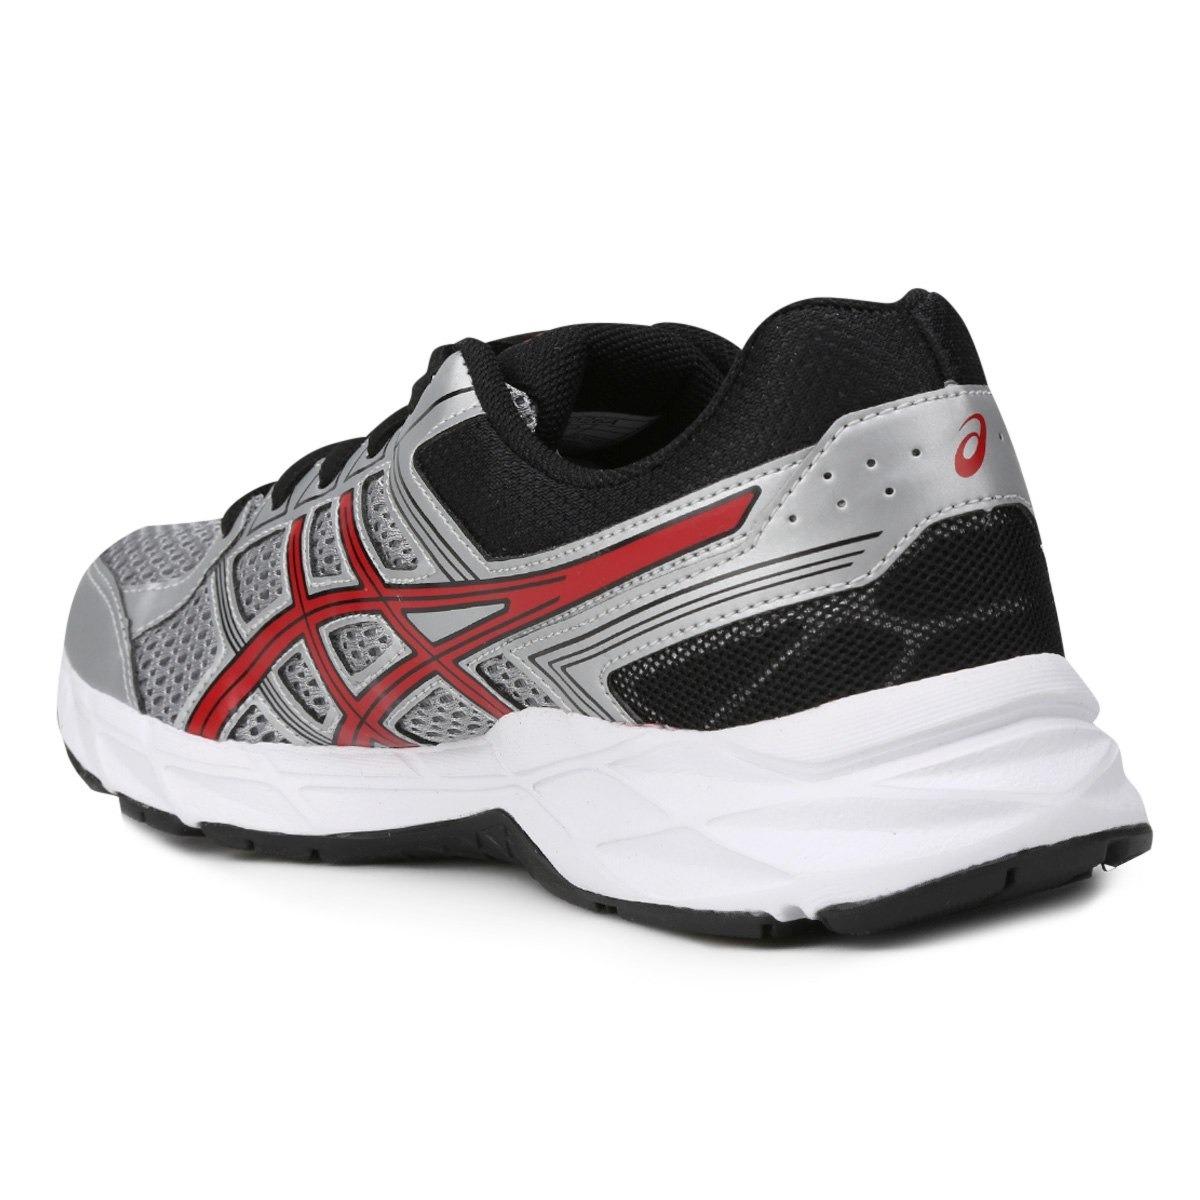 c1a65a21bc tênis asics prata e vermelho gel contend 4 a masculino. Carregando zoom.